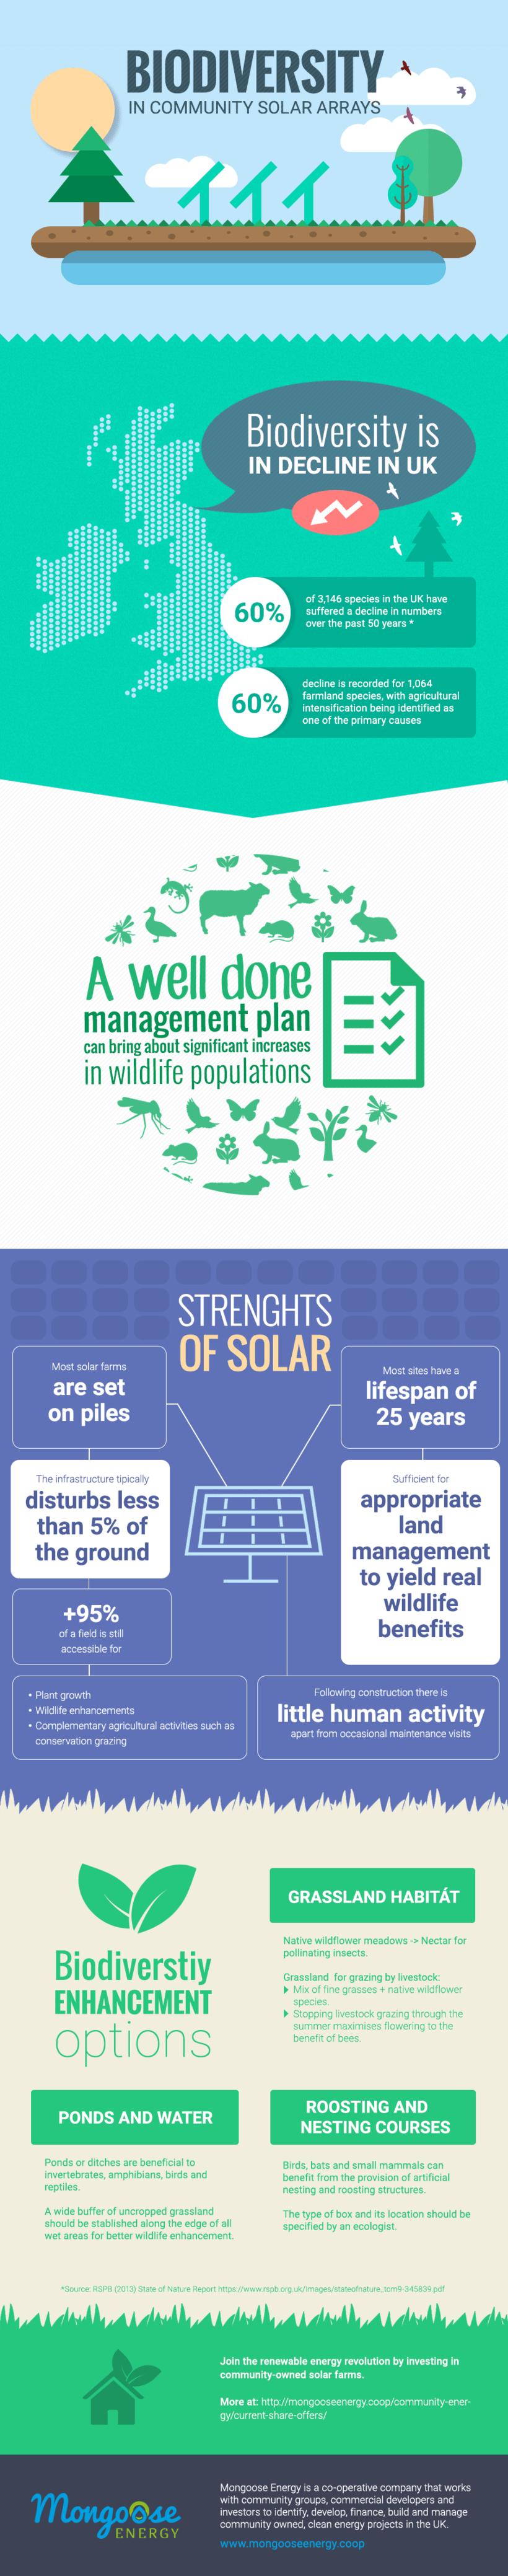 """Diseño de infografía: """"Biodiversity in community solar arrays"""" 0"""